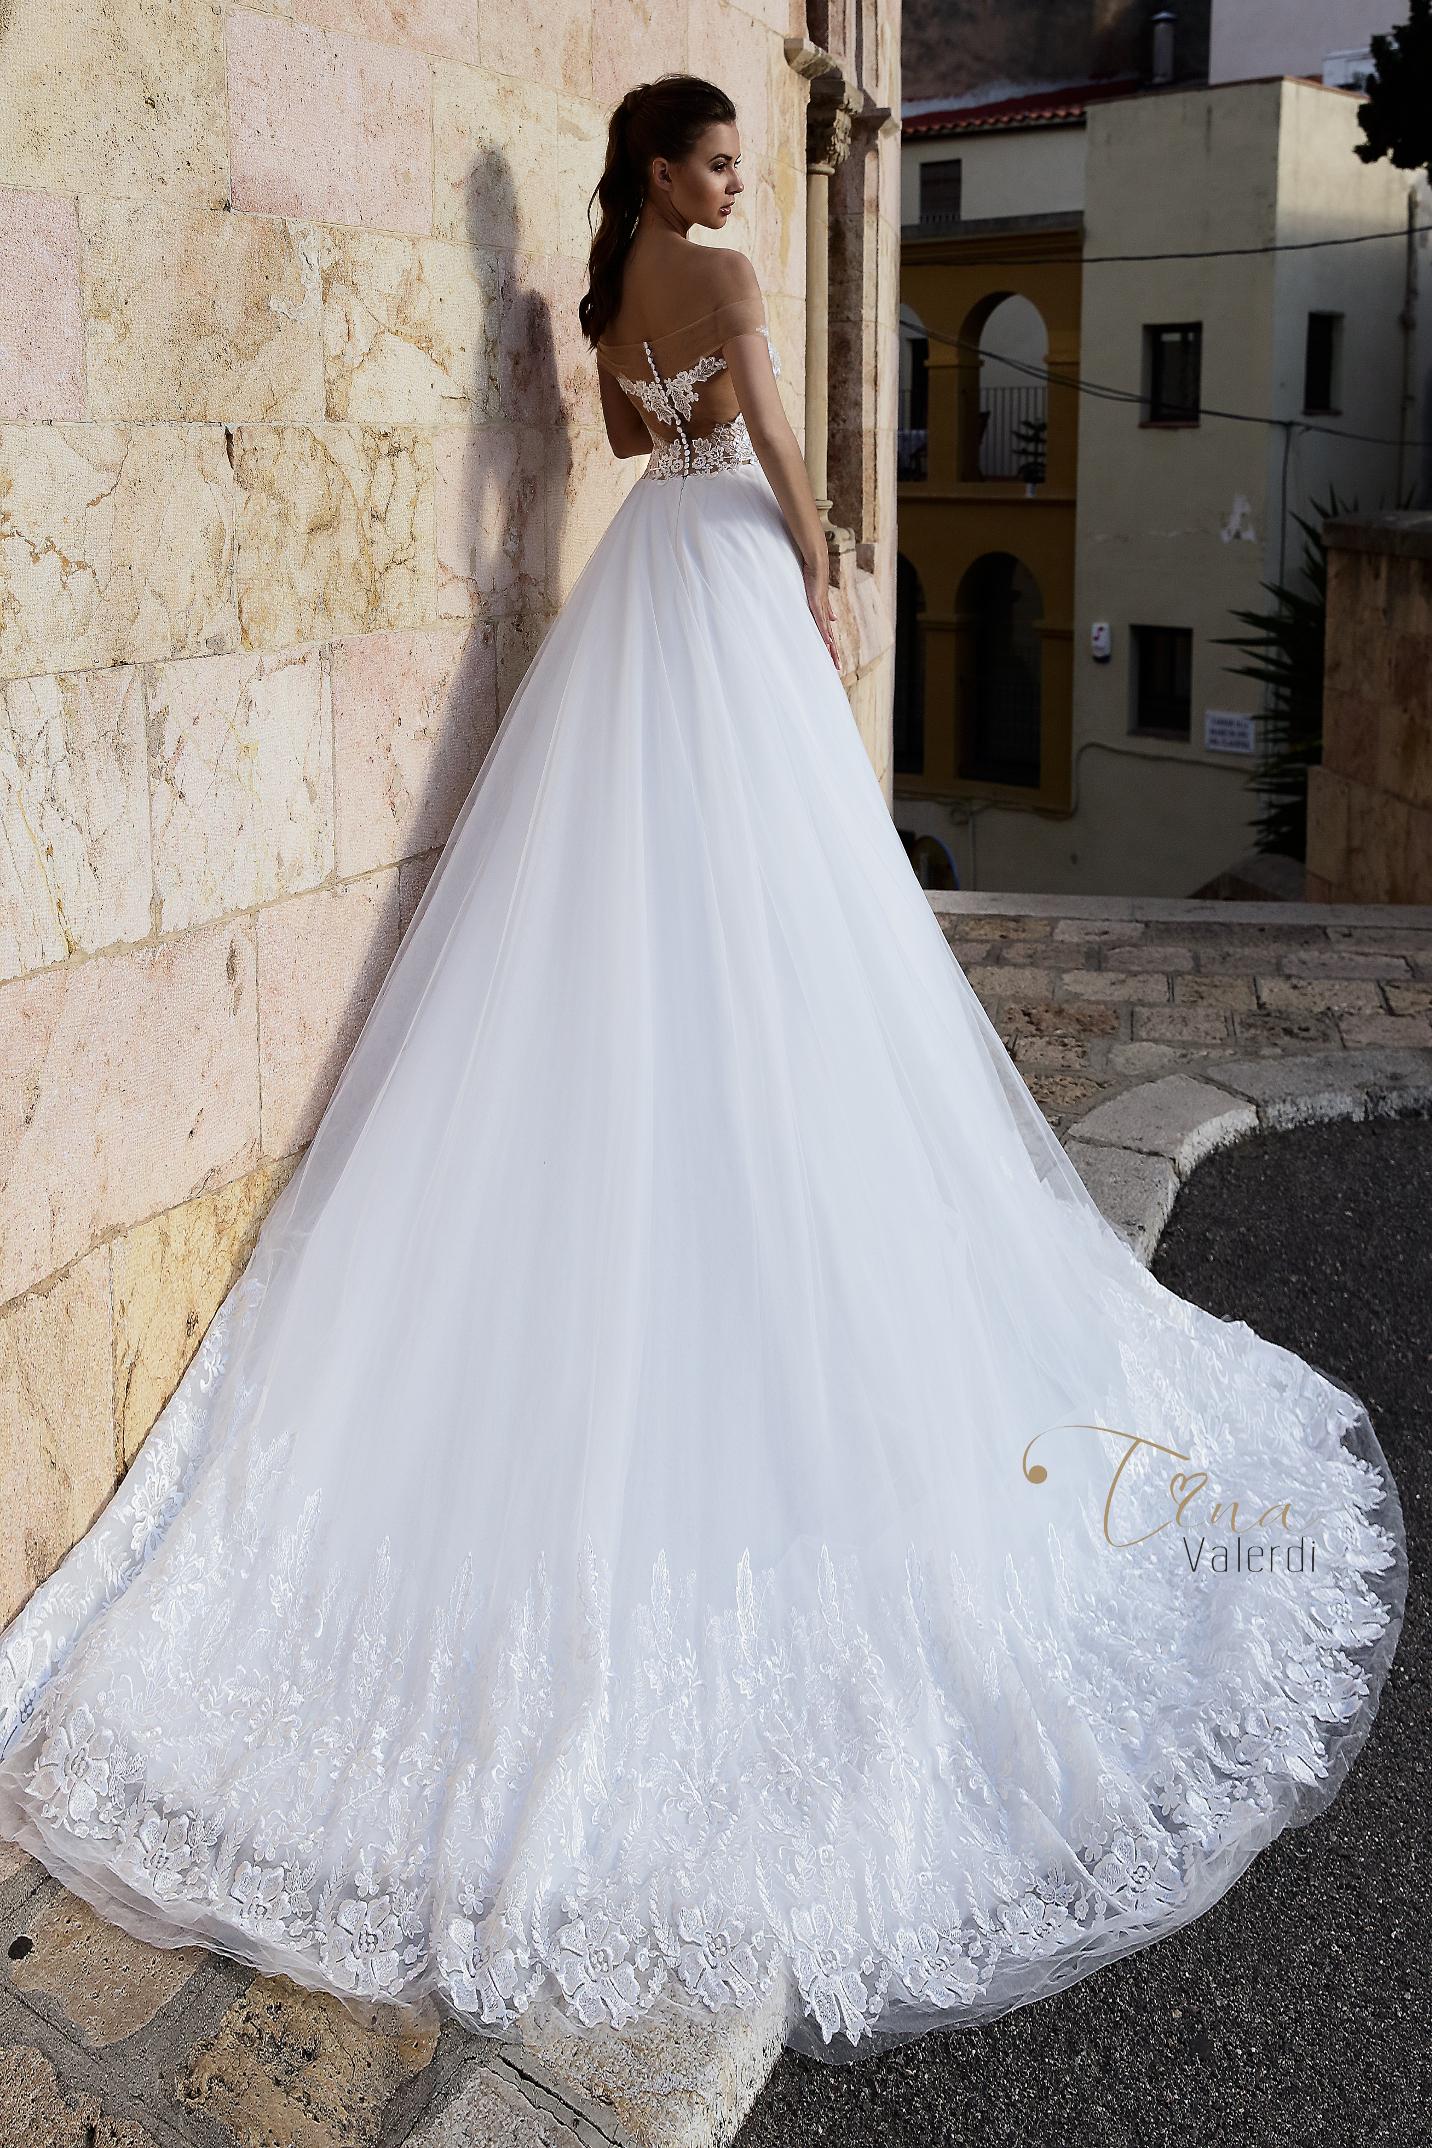 vestuvines-sukneles-tina-valerdi-Abigail6